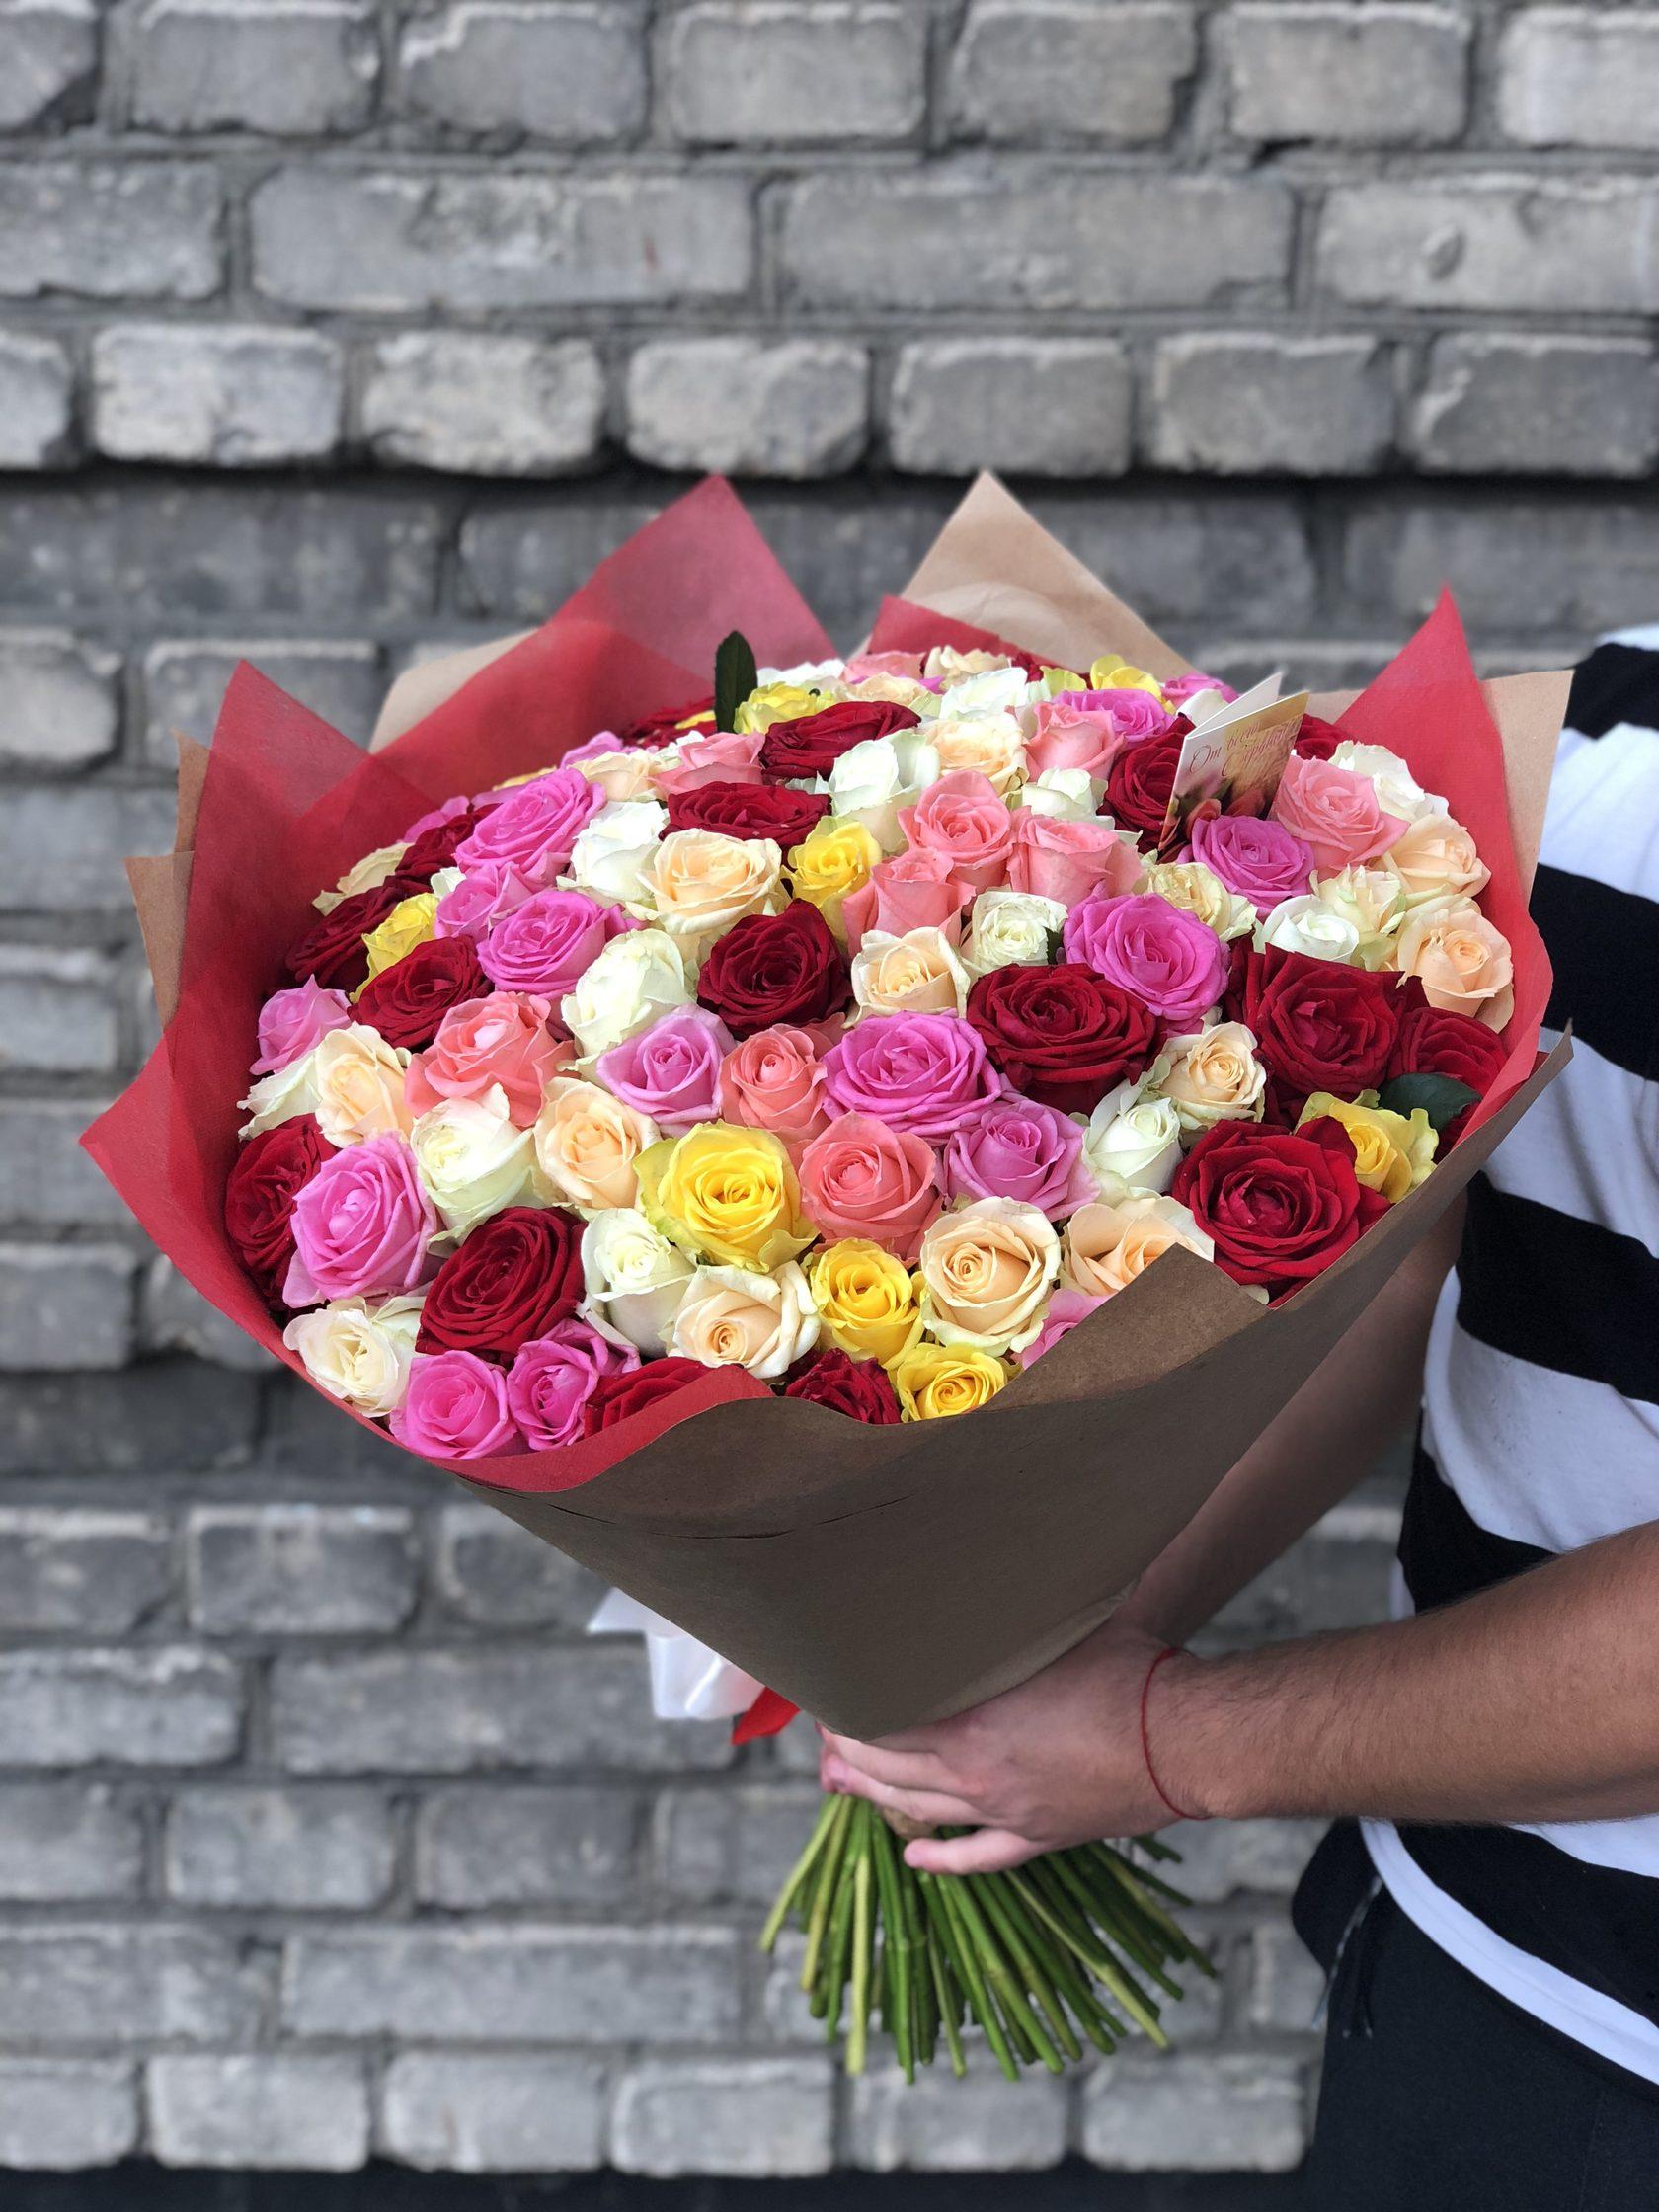 Магазин цветов спб с доставка, цветы ростове дону